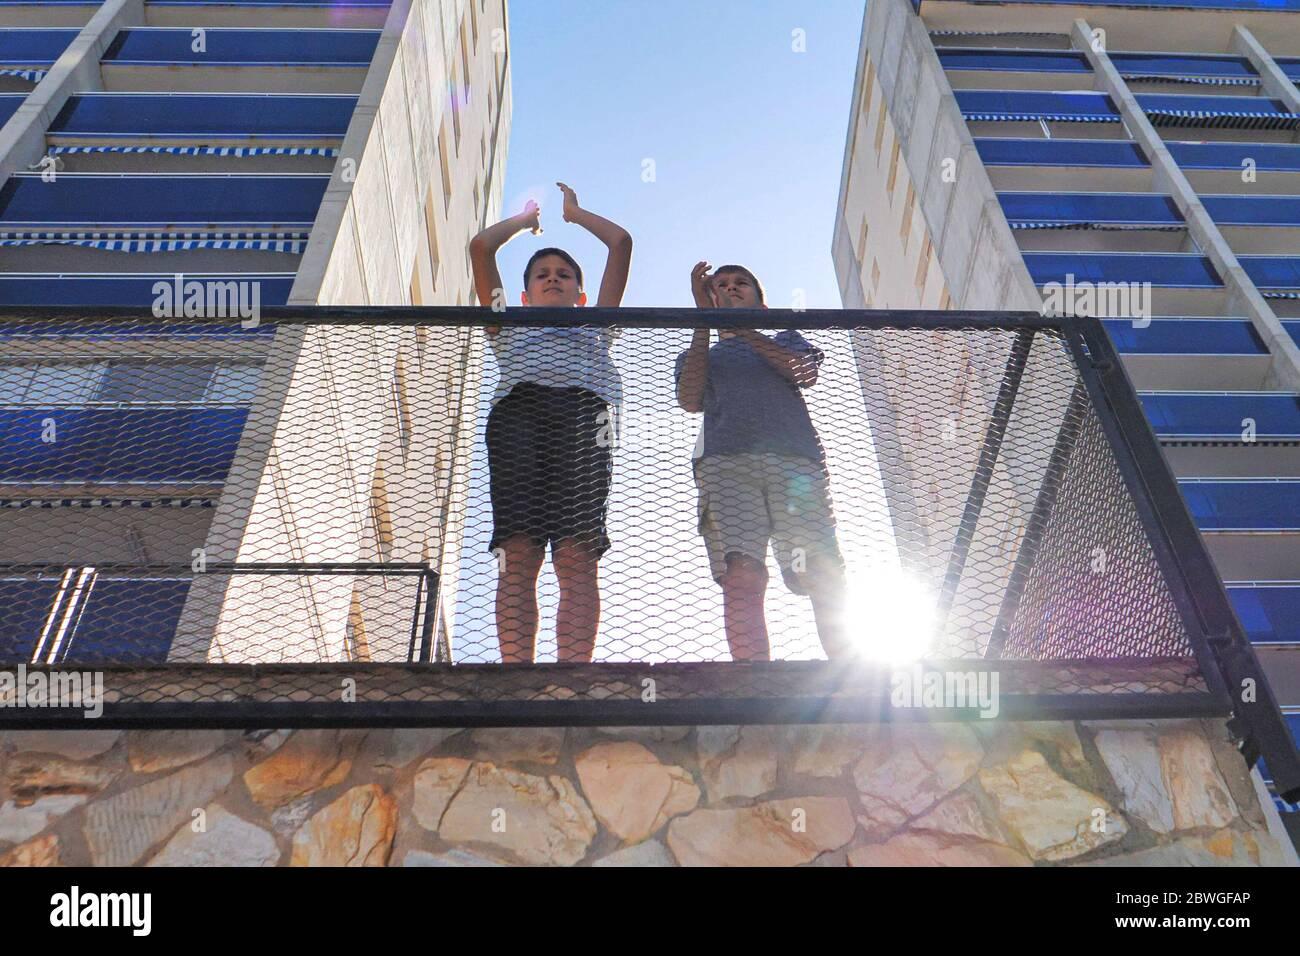 Los niños se palman, aplaudiendo desde el balcón de la terraza para apoyar a los médicos, enfermeras, trabajadores del hospital durante la cuarentena pandémica del Coronavirus Covid-19 Foto de stock